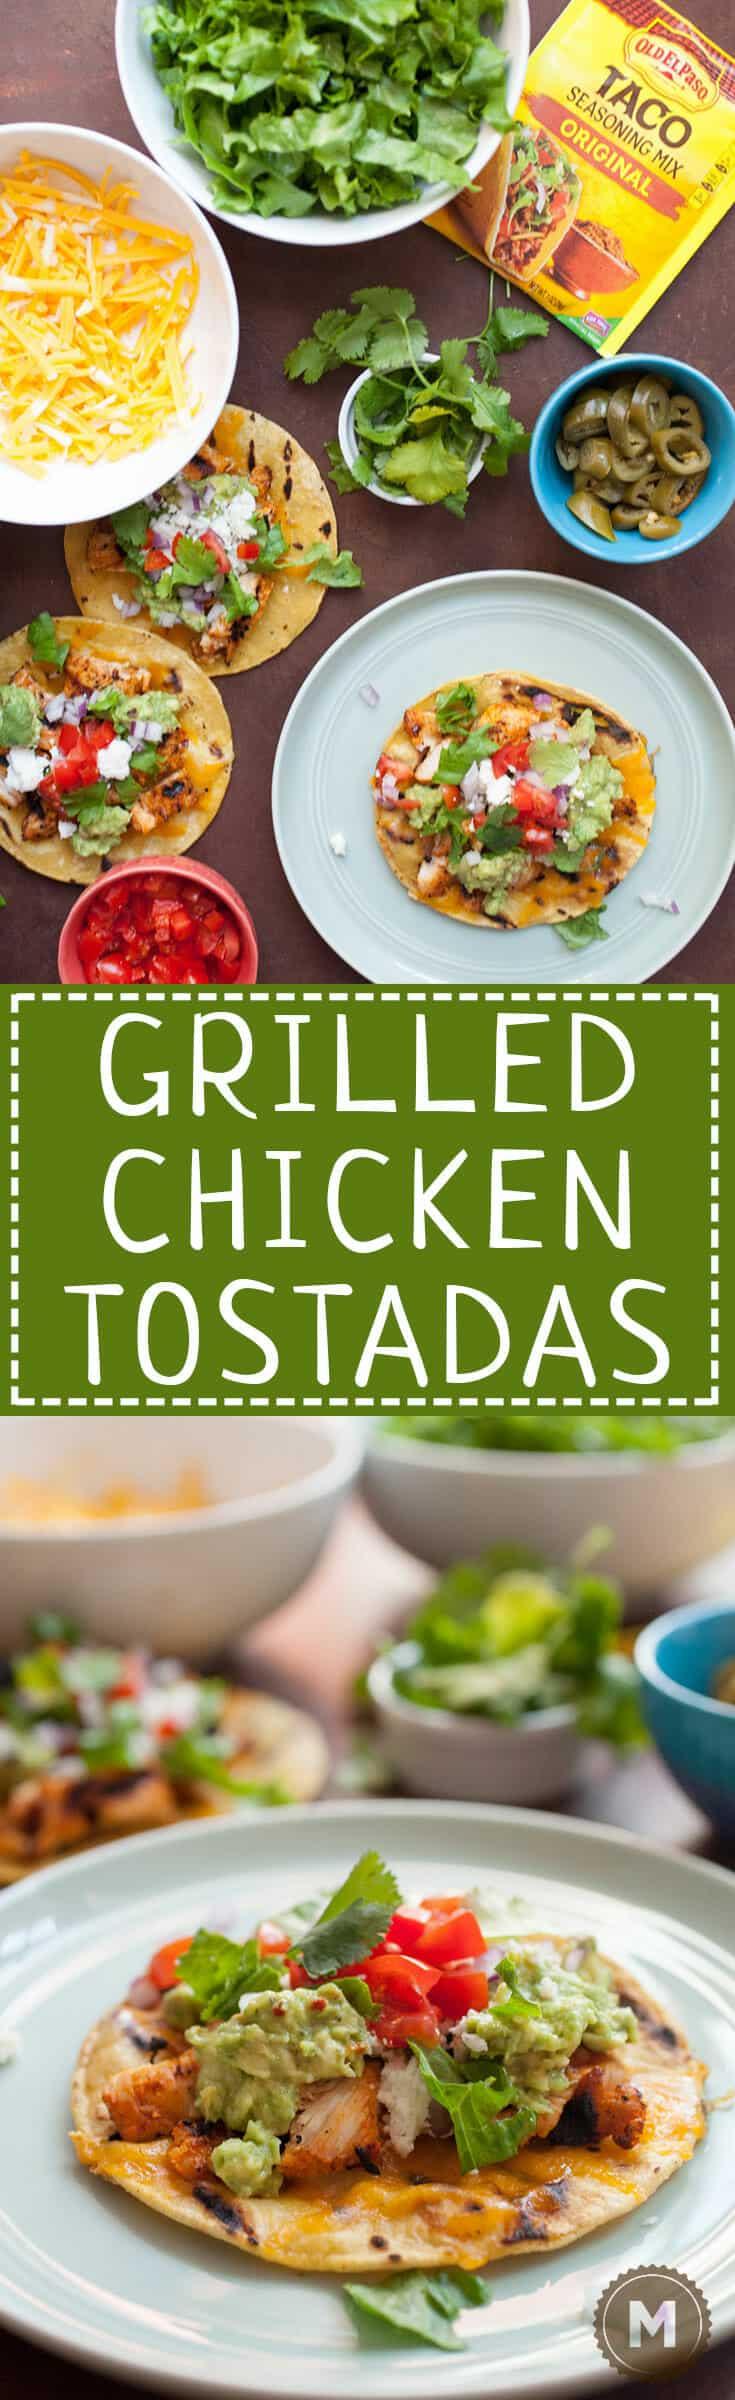 Easy Grilled Chicken Tostadas